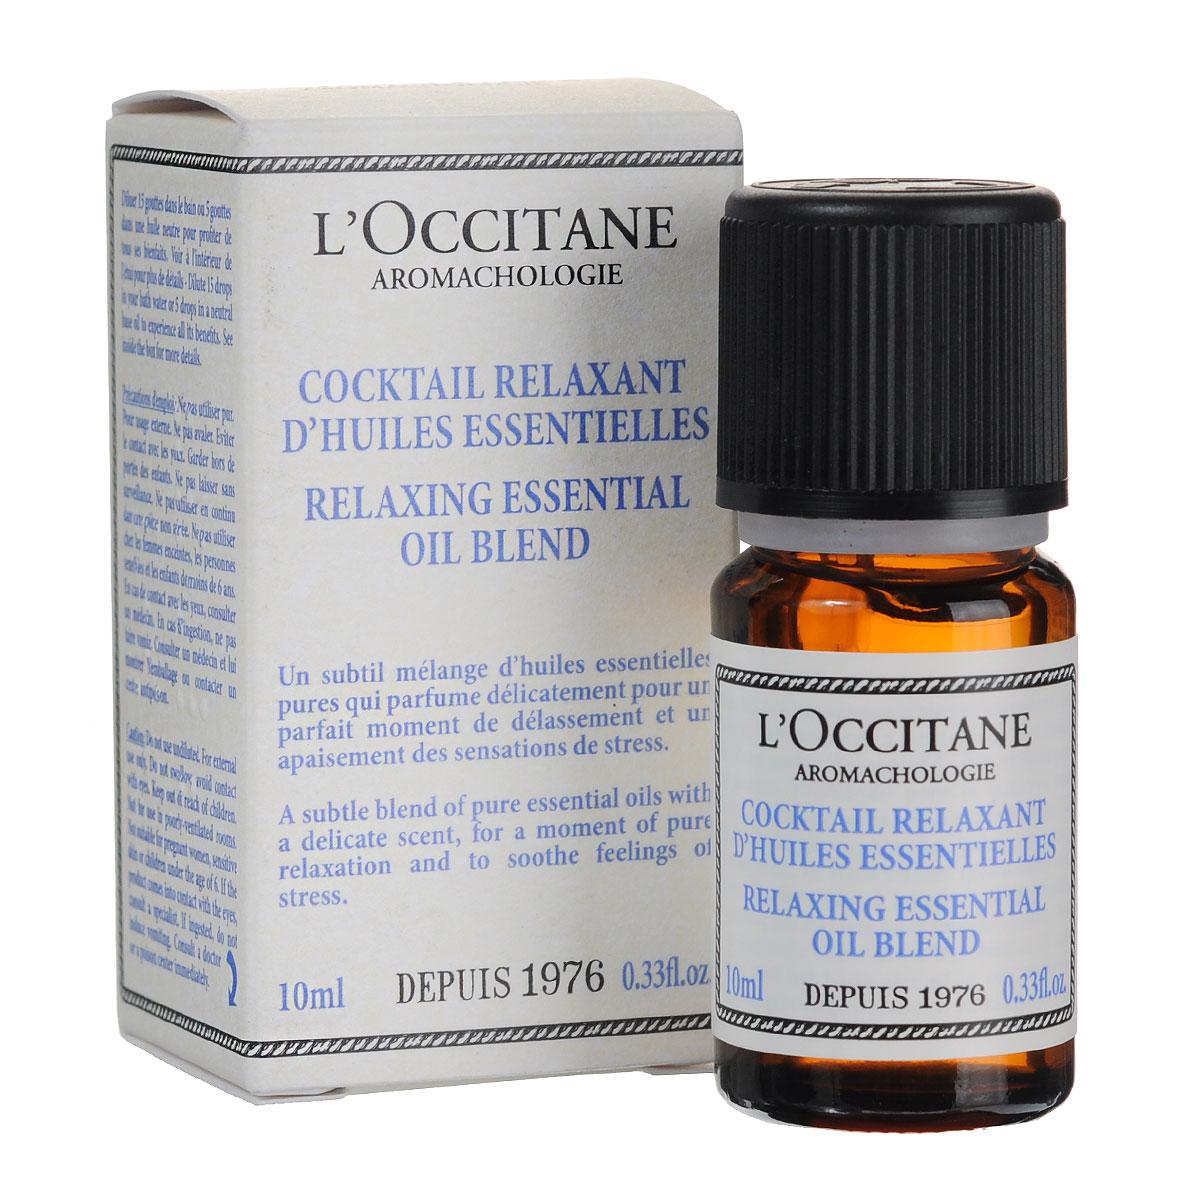 LOccitane Эфирное масло Аромакология, расслабляющее, 10 млFS-00897Расслабляющая смесь чистых эфирных масел помогает снять напряжение и избавиться от стресса.Товар сертифицирован.